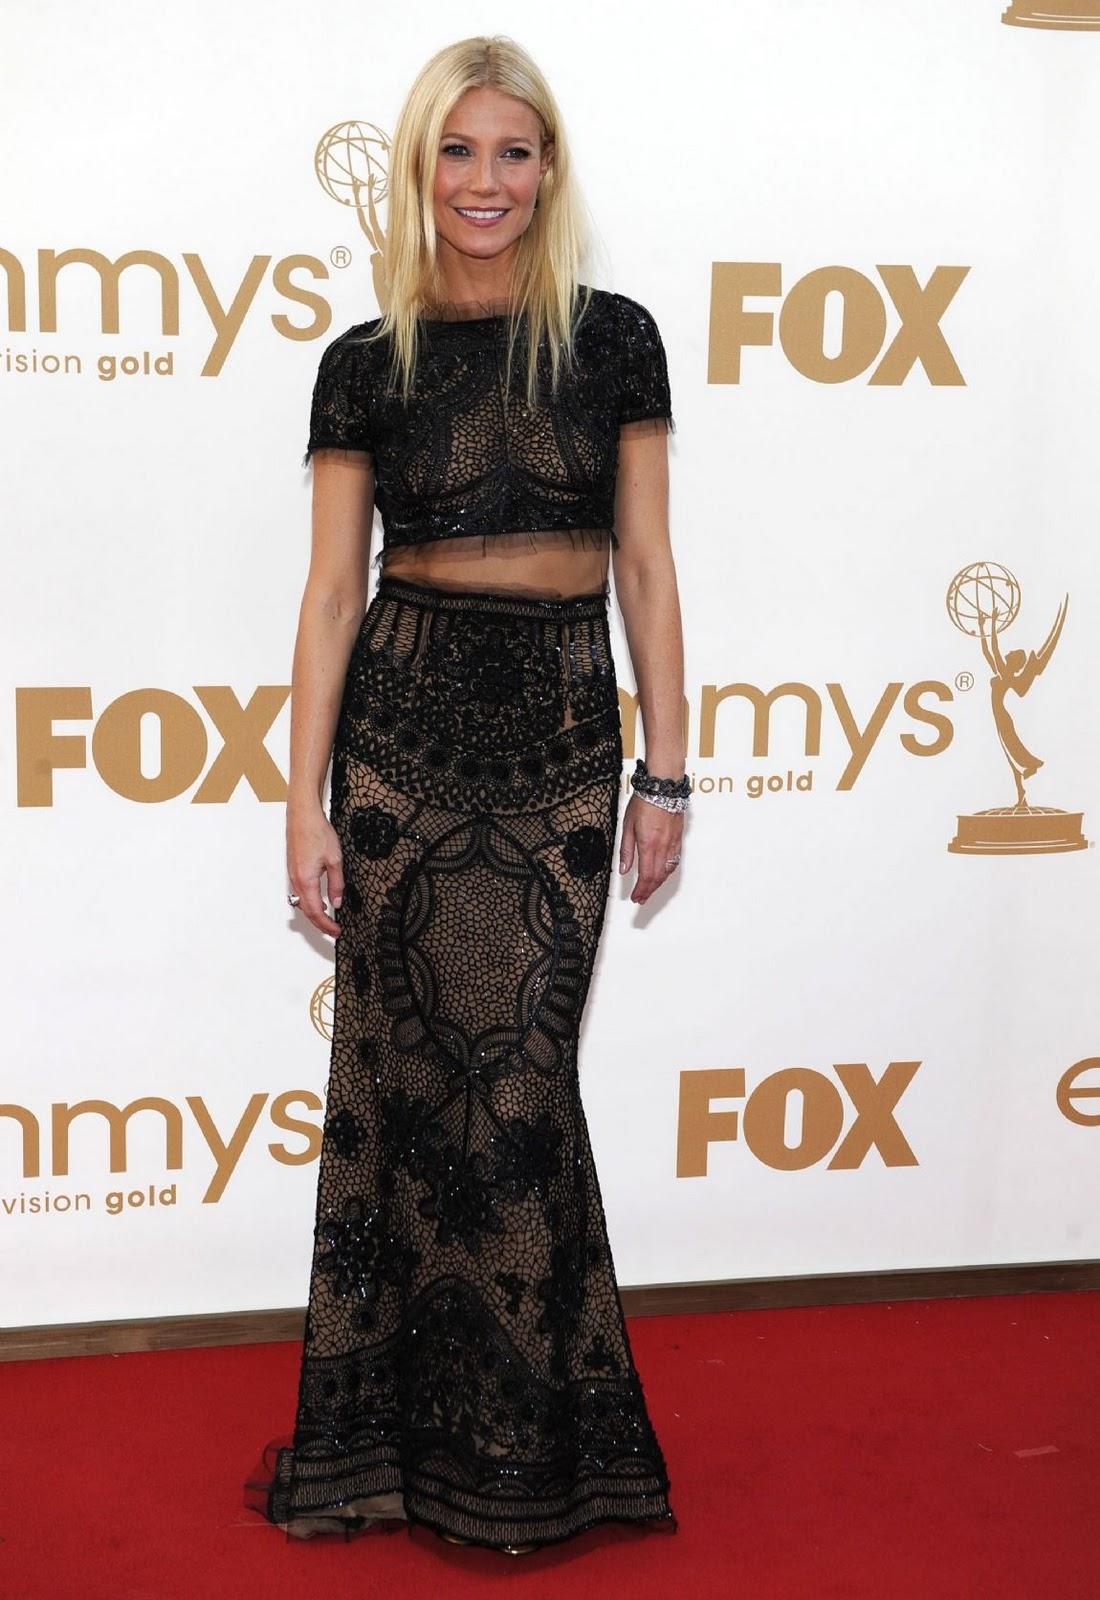 http://4.bp.blogspot.com/--00DzNlUzZM/TncucS6PnrI/AAAAAAAAI64/sTIgfS9Z-R8/s1600/Gwyneth+Paltrow+Pucci.jpg